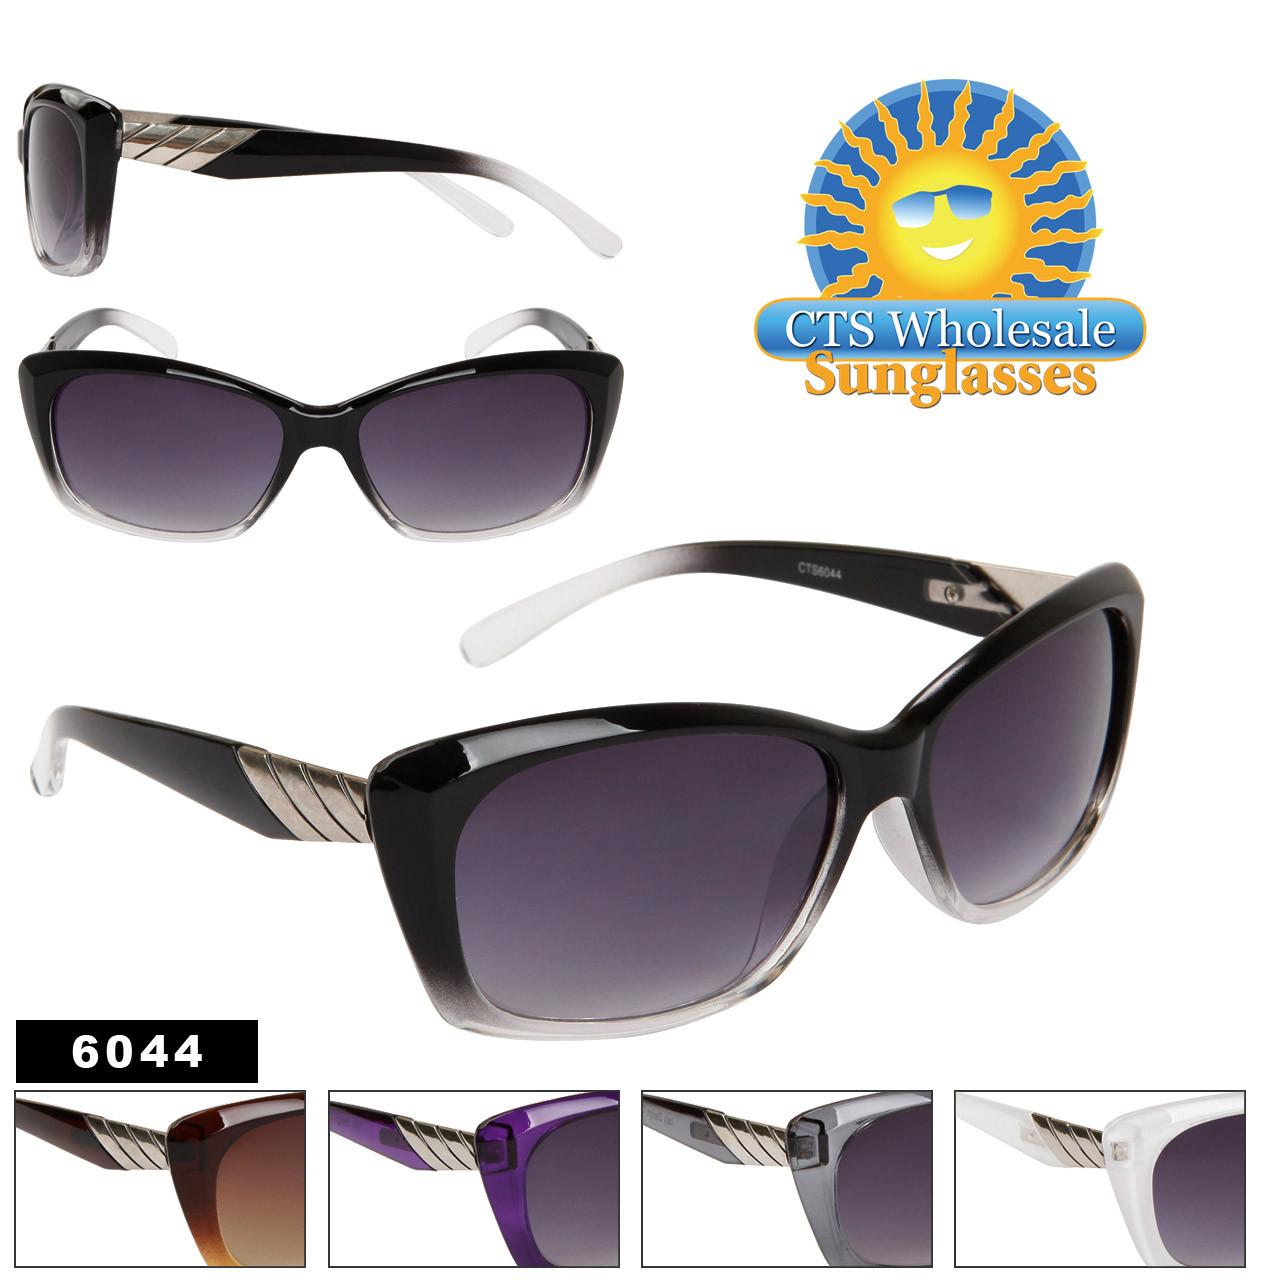 Fashion Sunglasses 6044